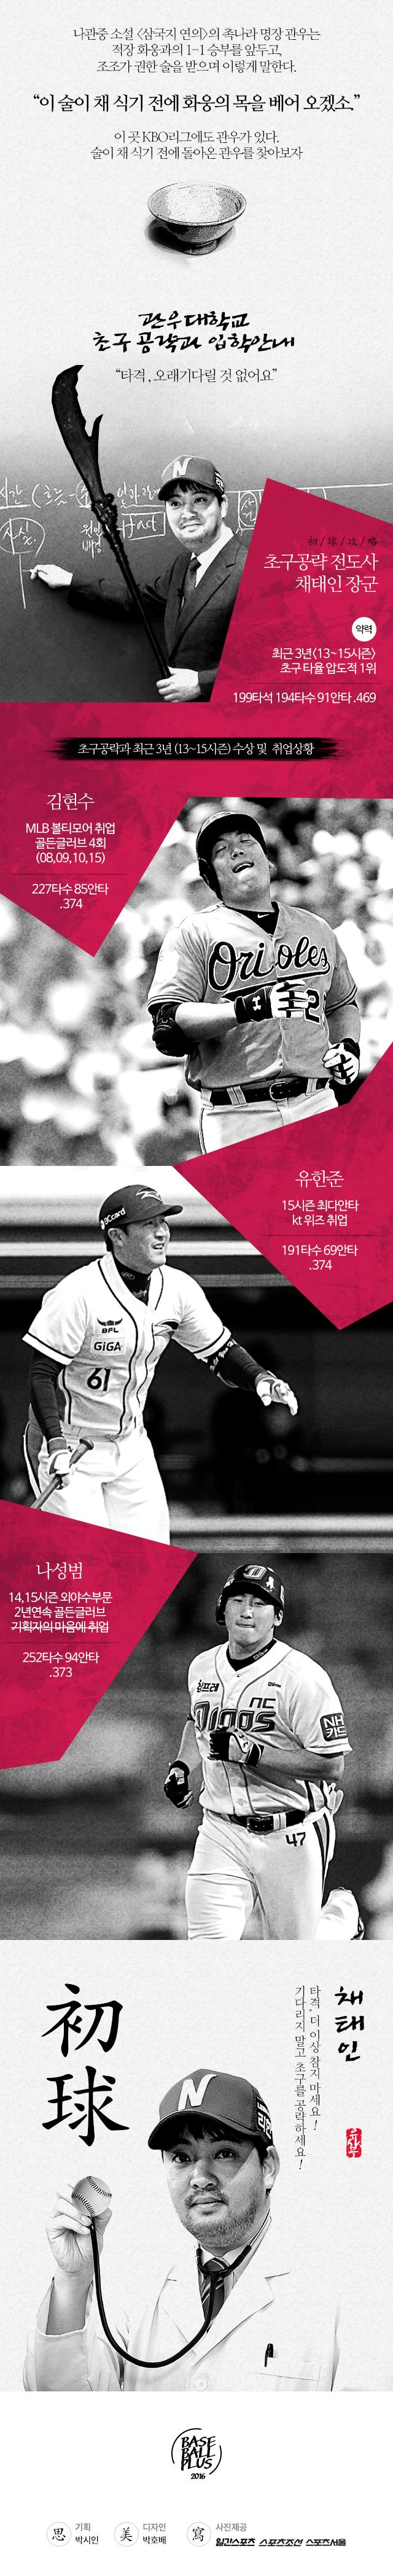 베이스볼플러스_20160418_02.jpg